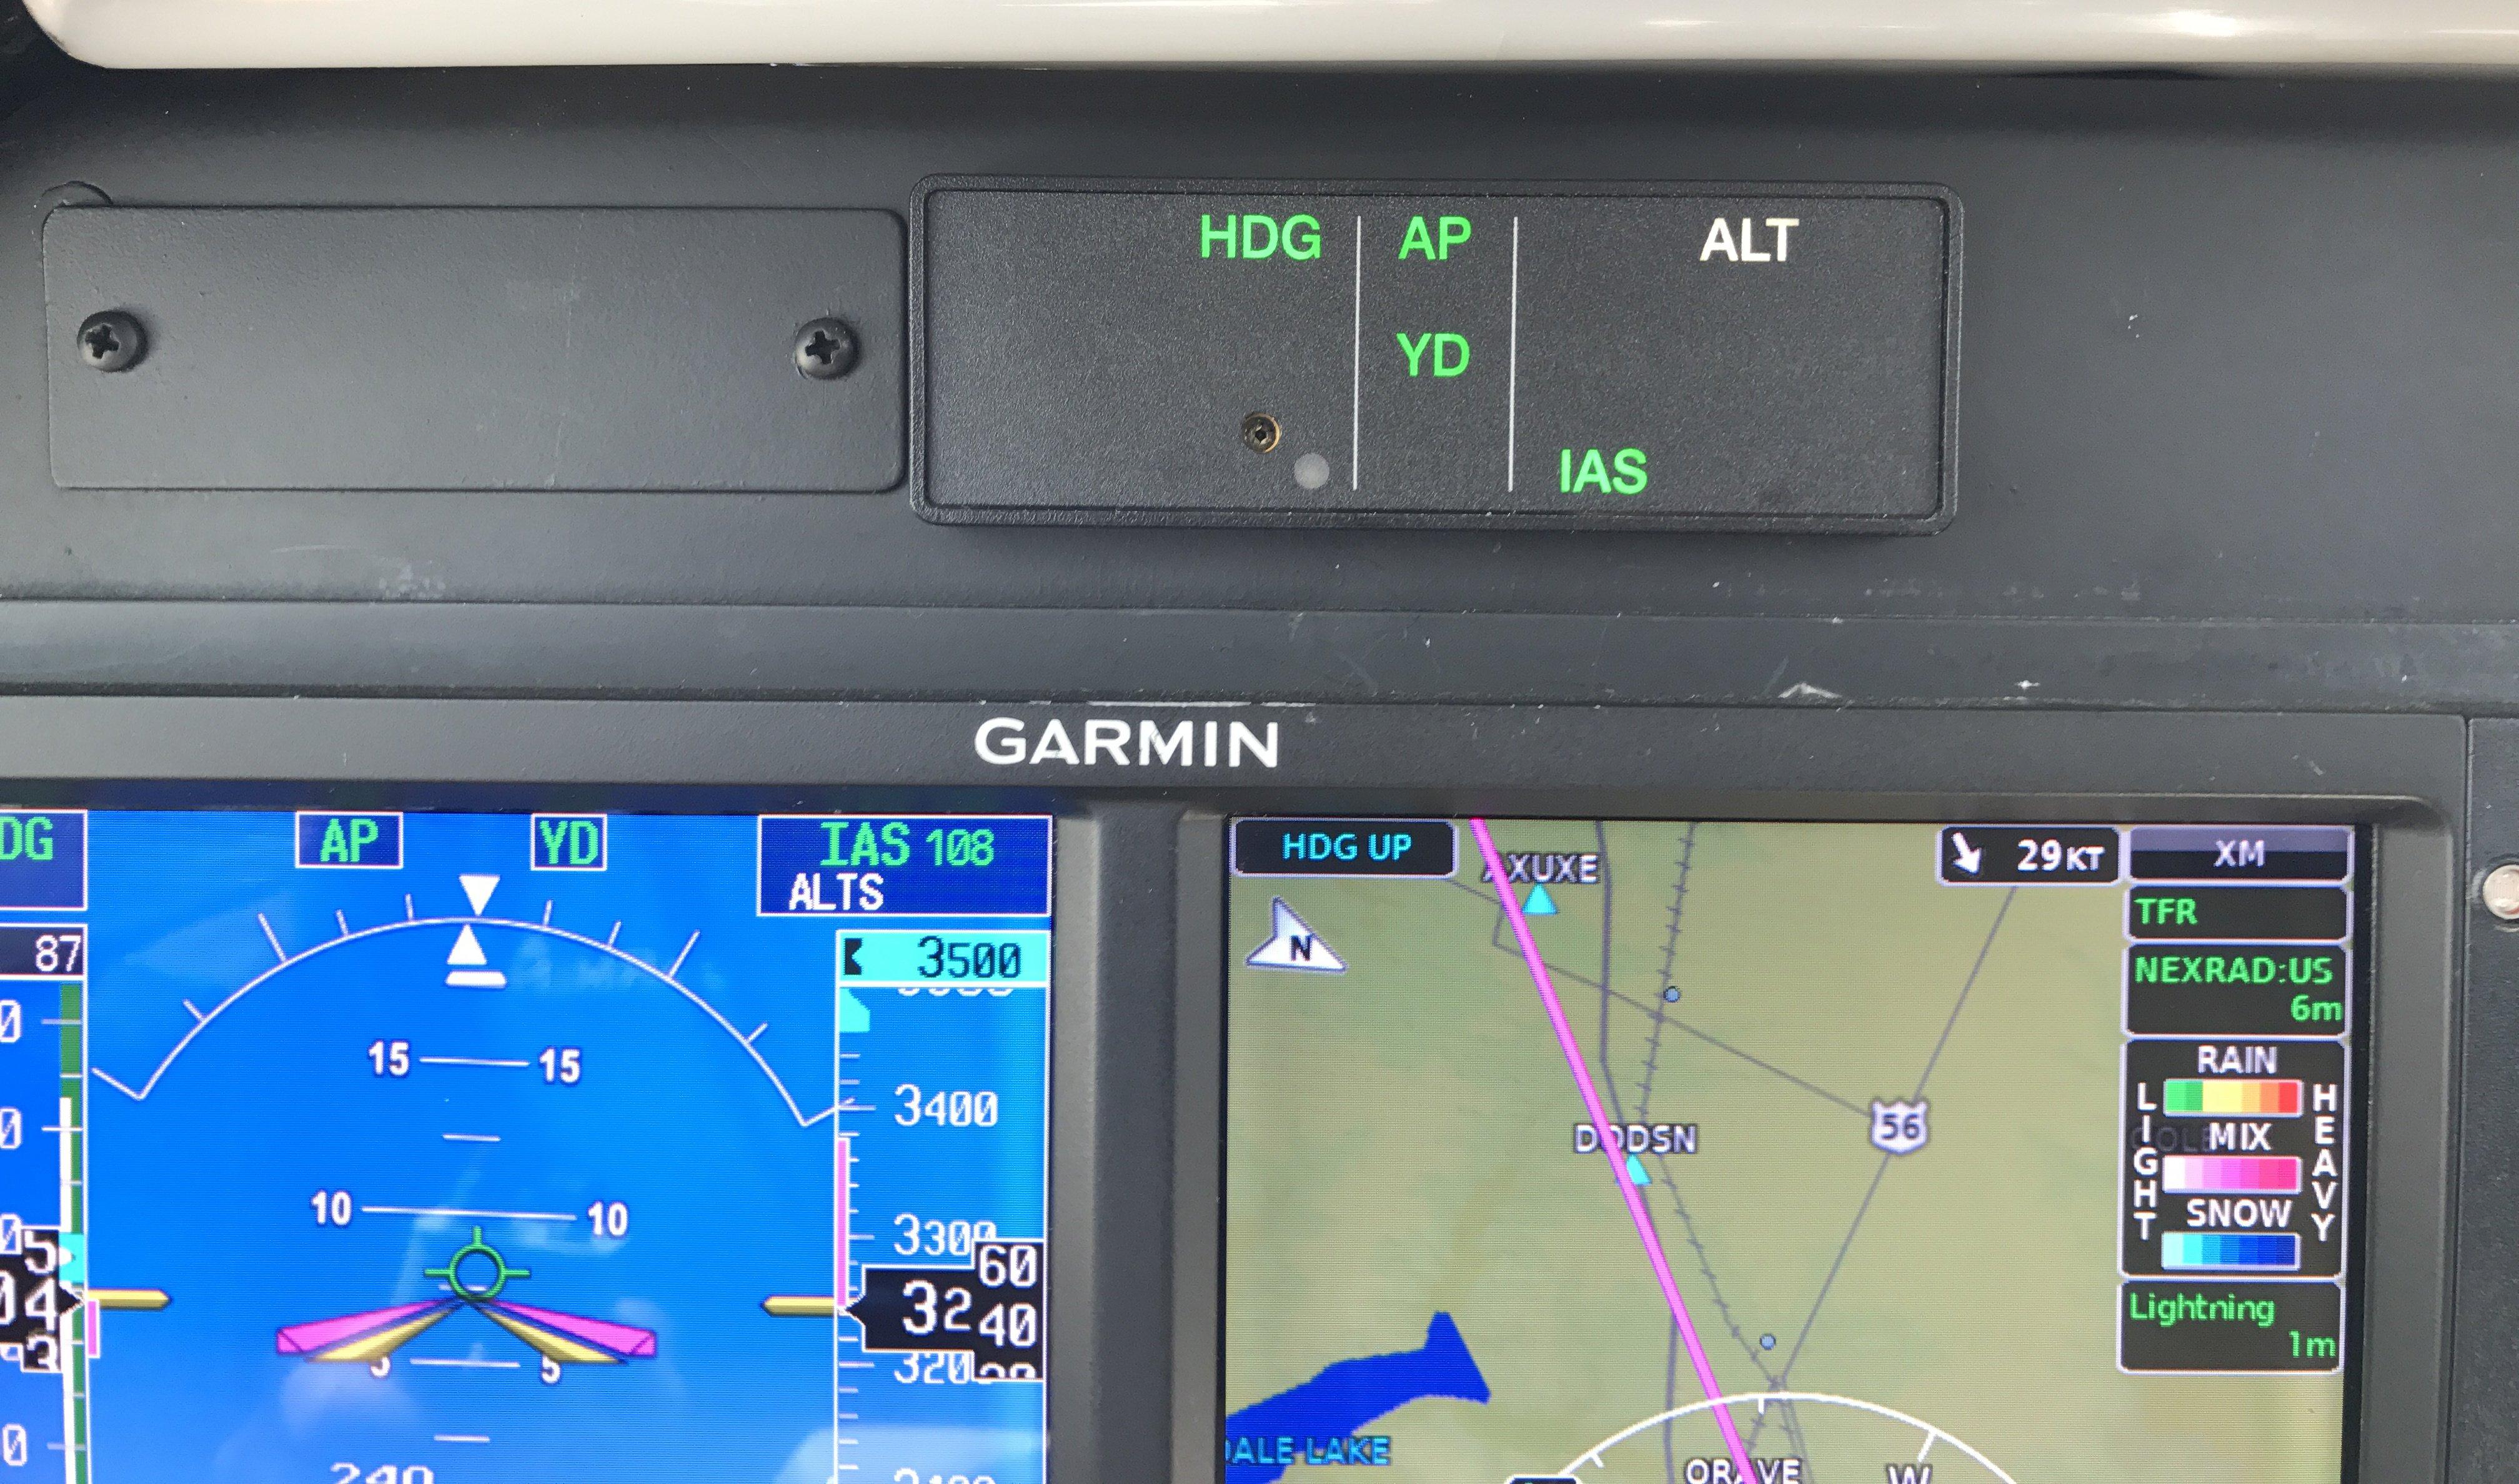 Garmin Announces New Retrofit Autopilots